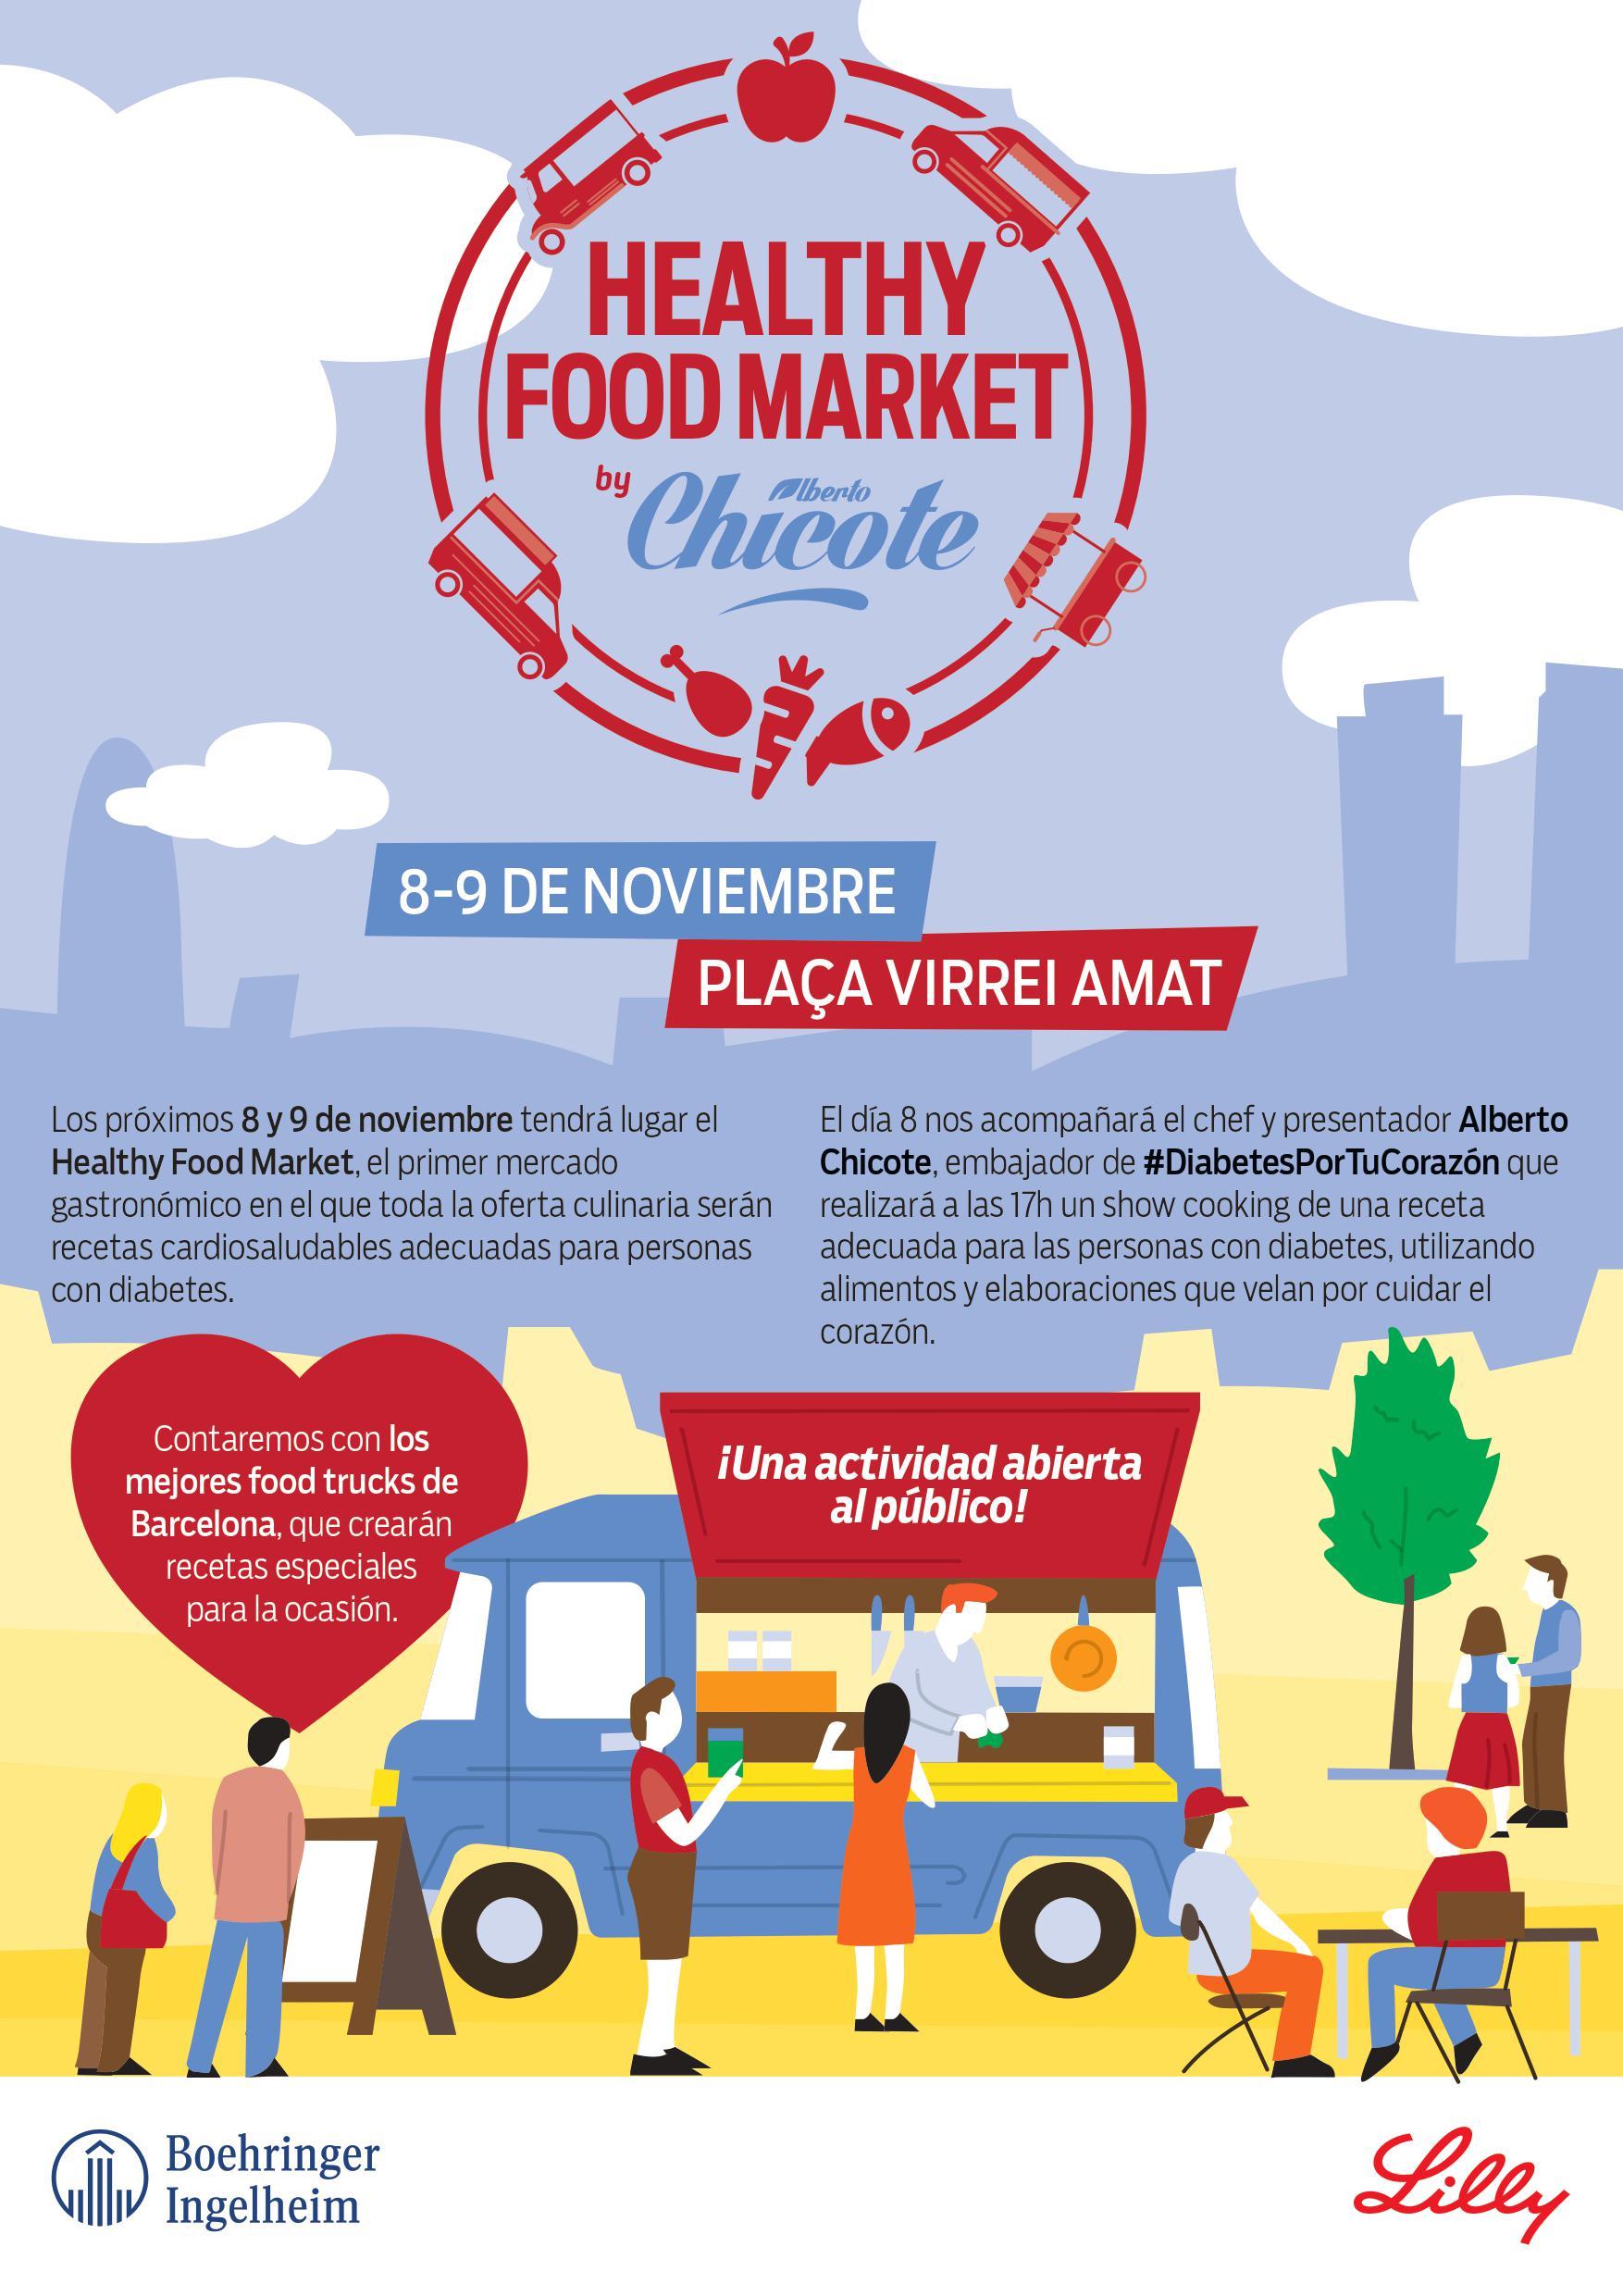 Healthy Food Market